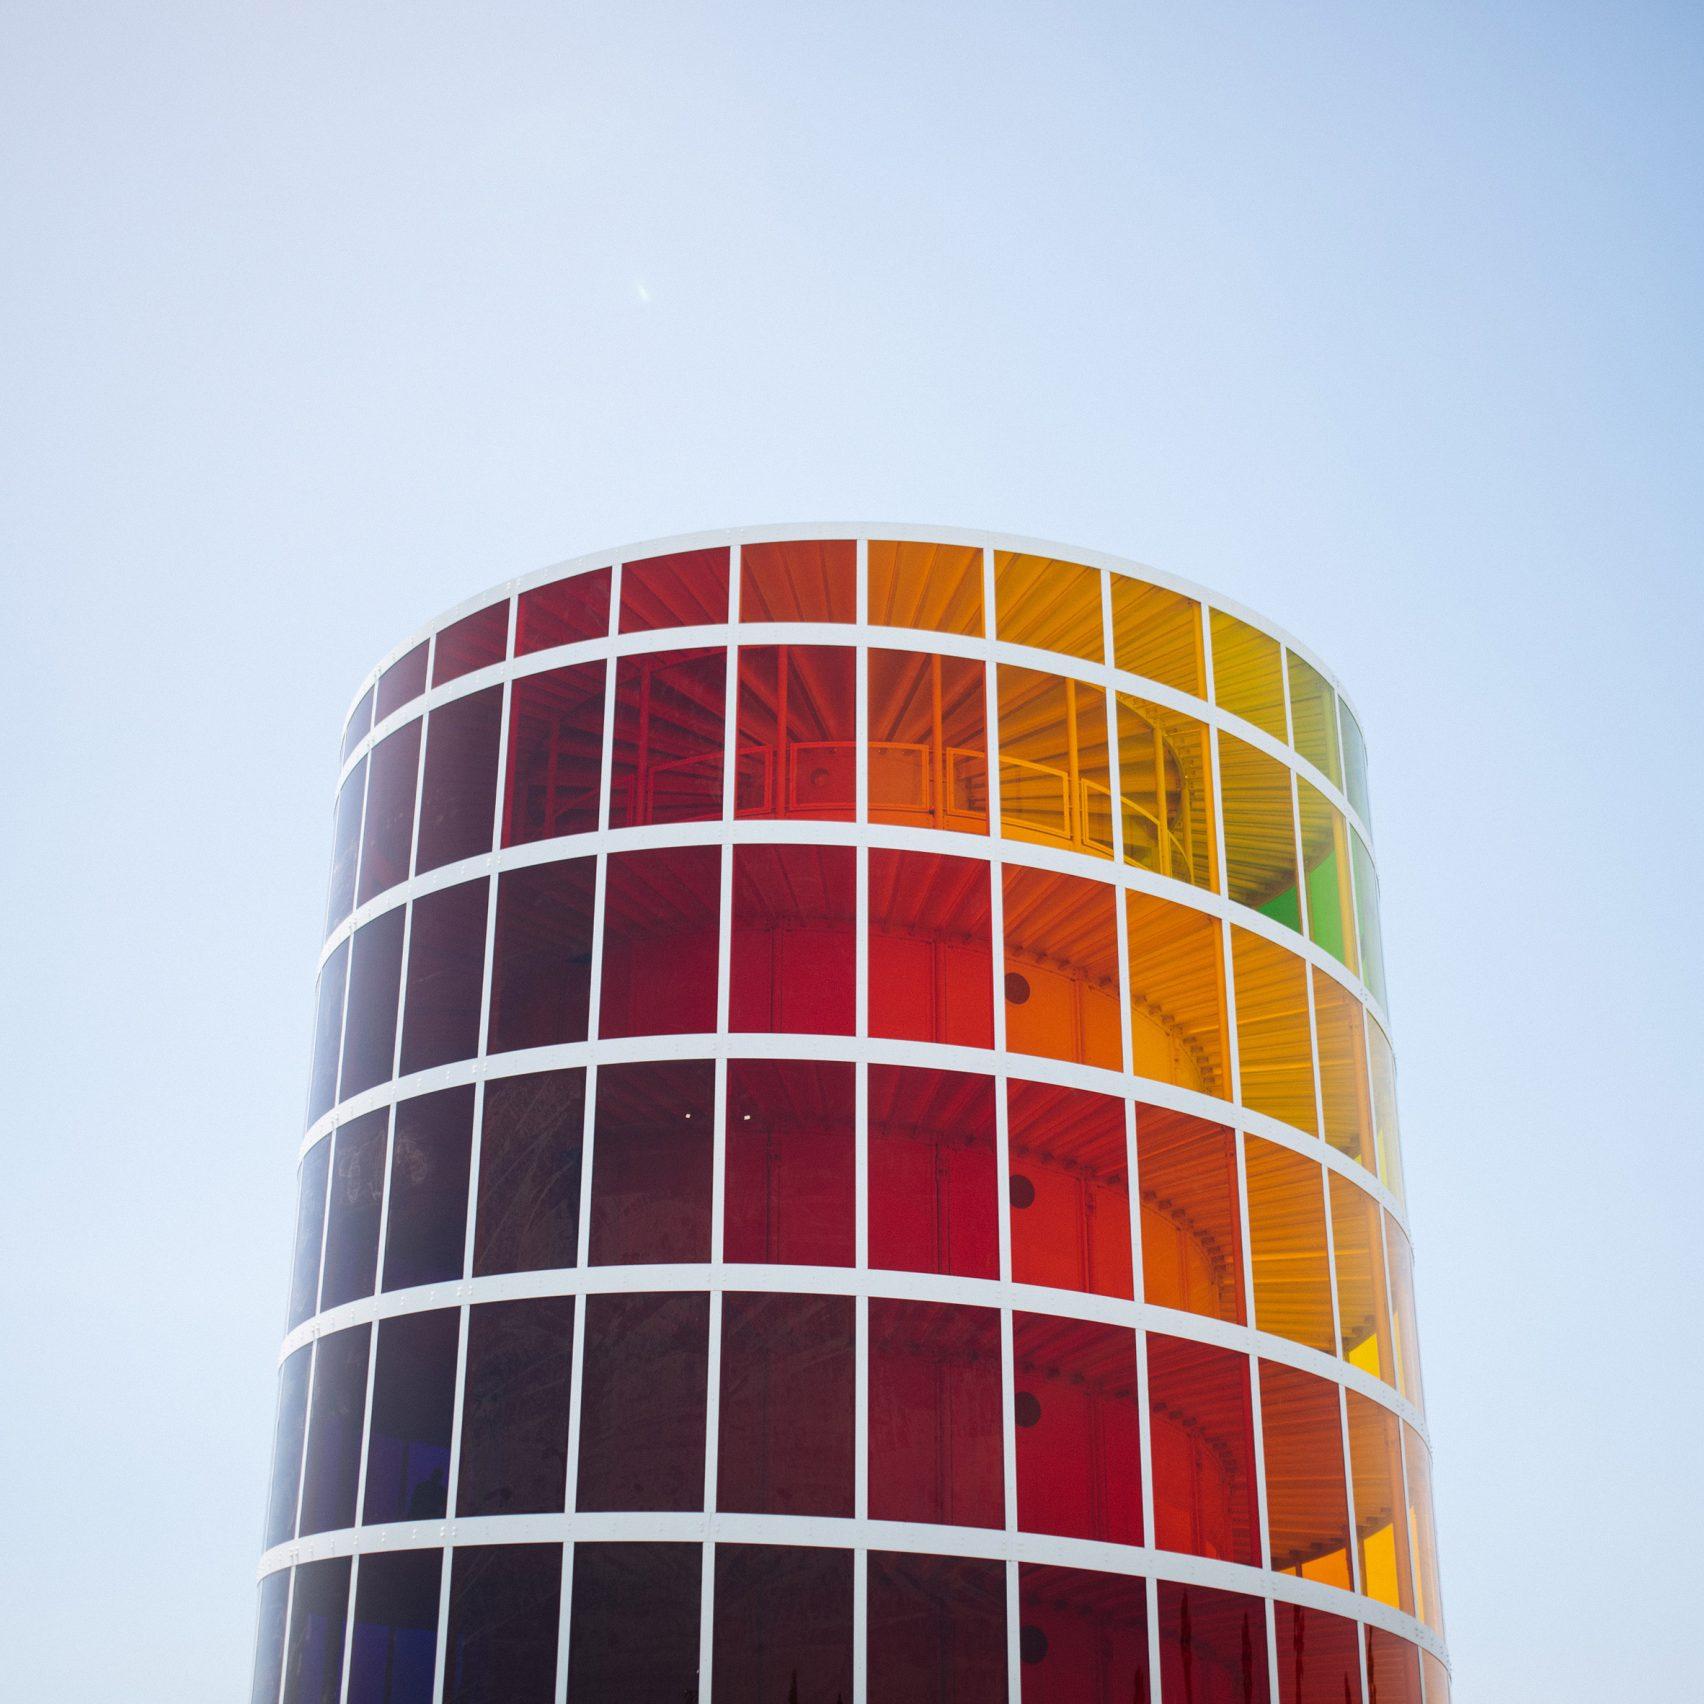 Oszklona wieża w kolorach tęczy na tle nieba.